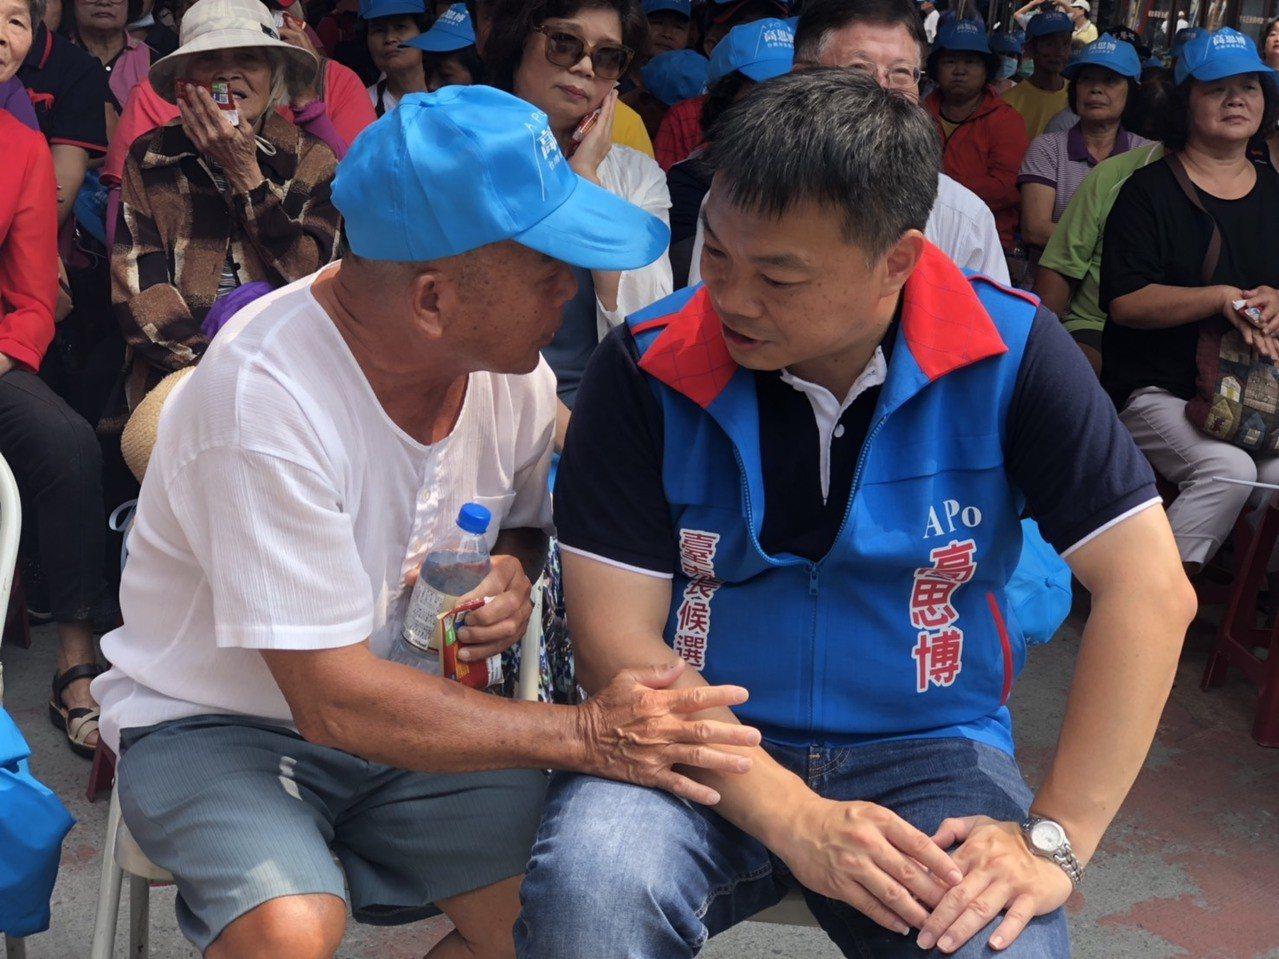 國民黨台南市長參選人高思博,在台南倡導「新台南起」,傾聽小老百姓的心聲。圖/高思...